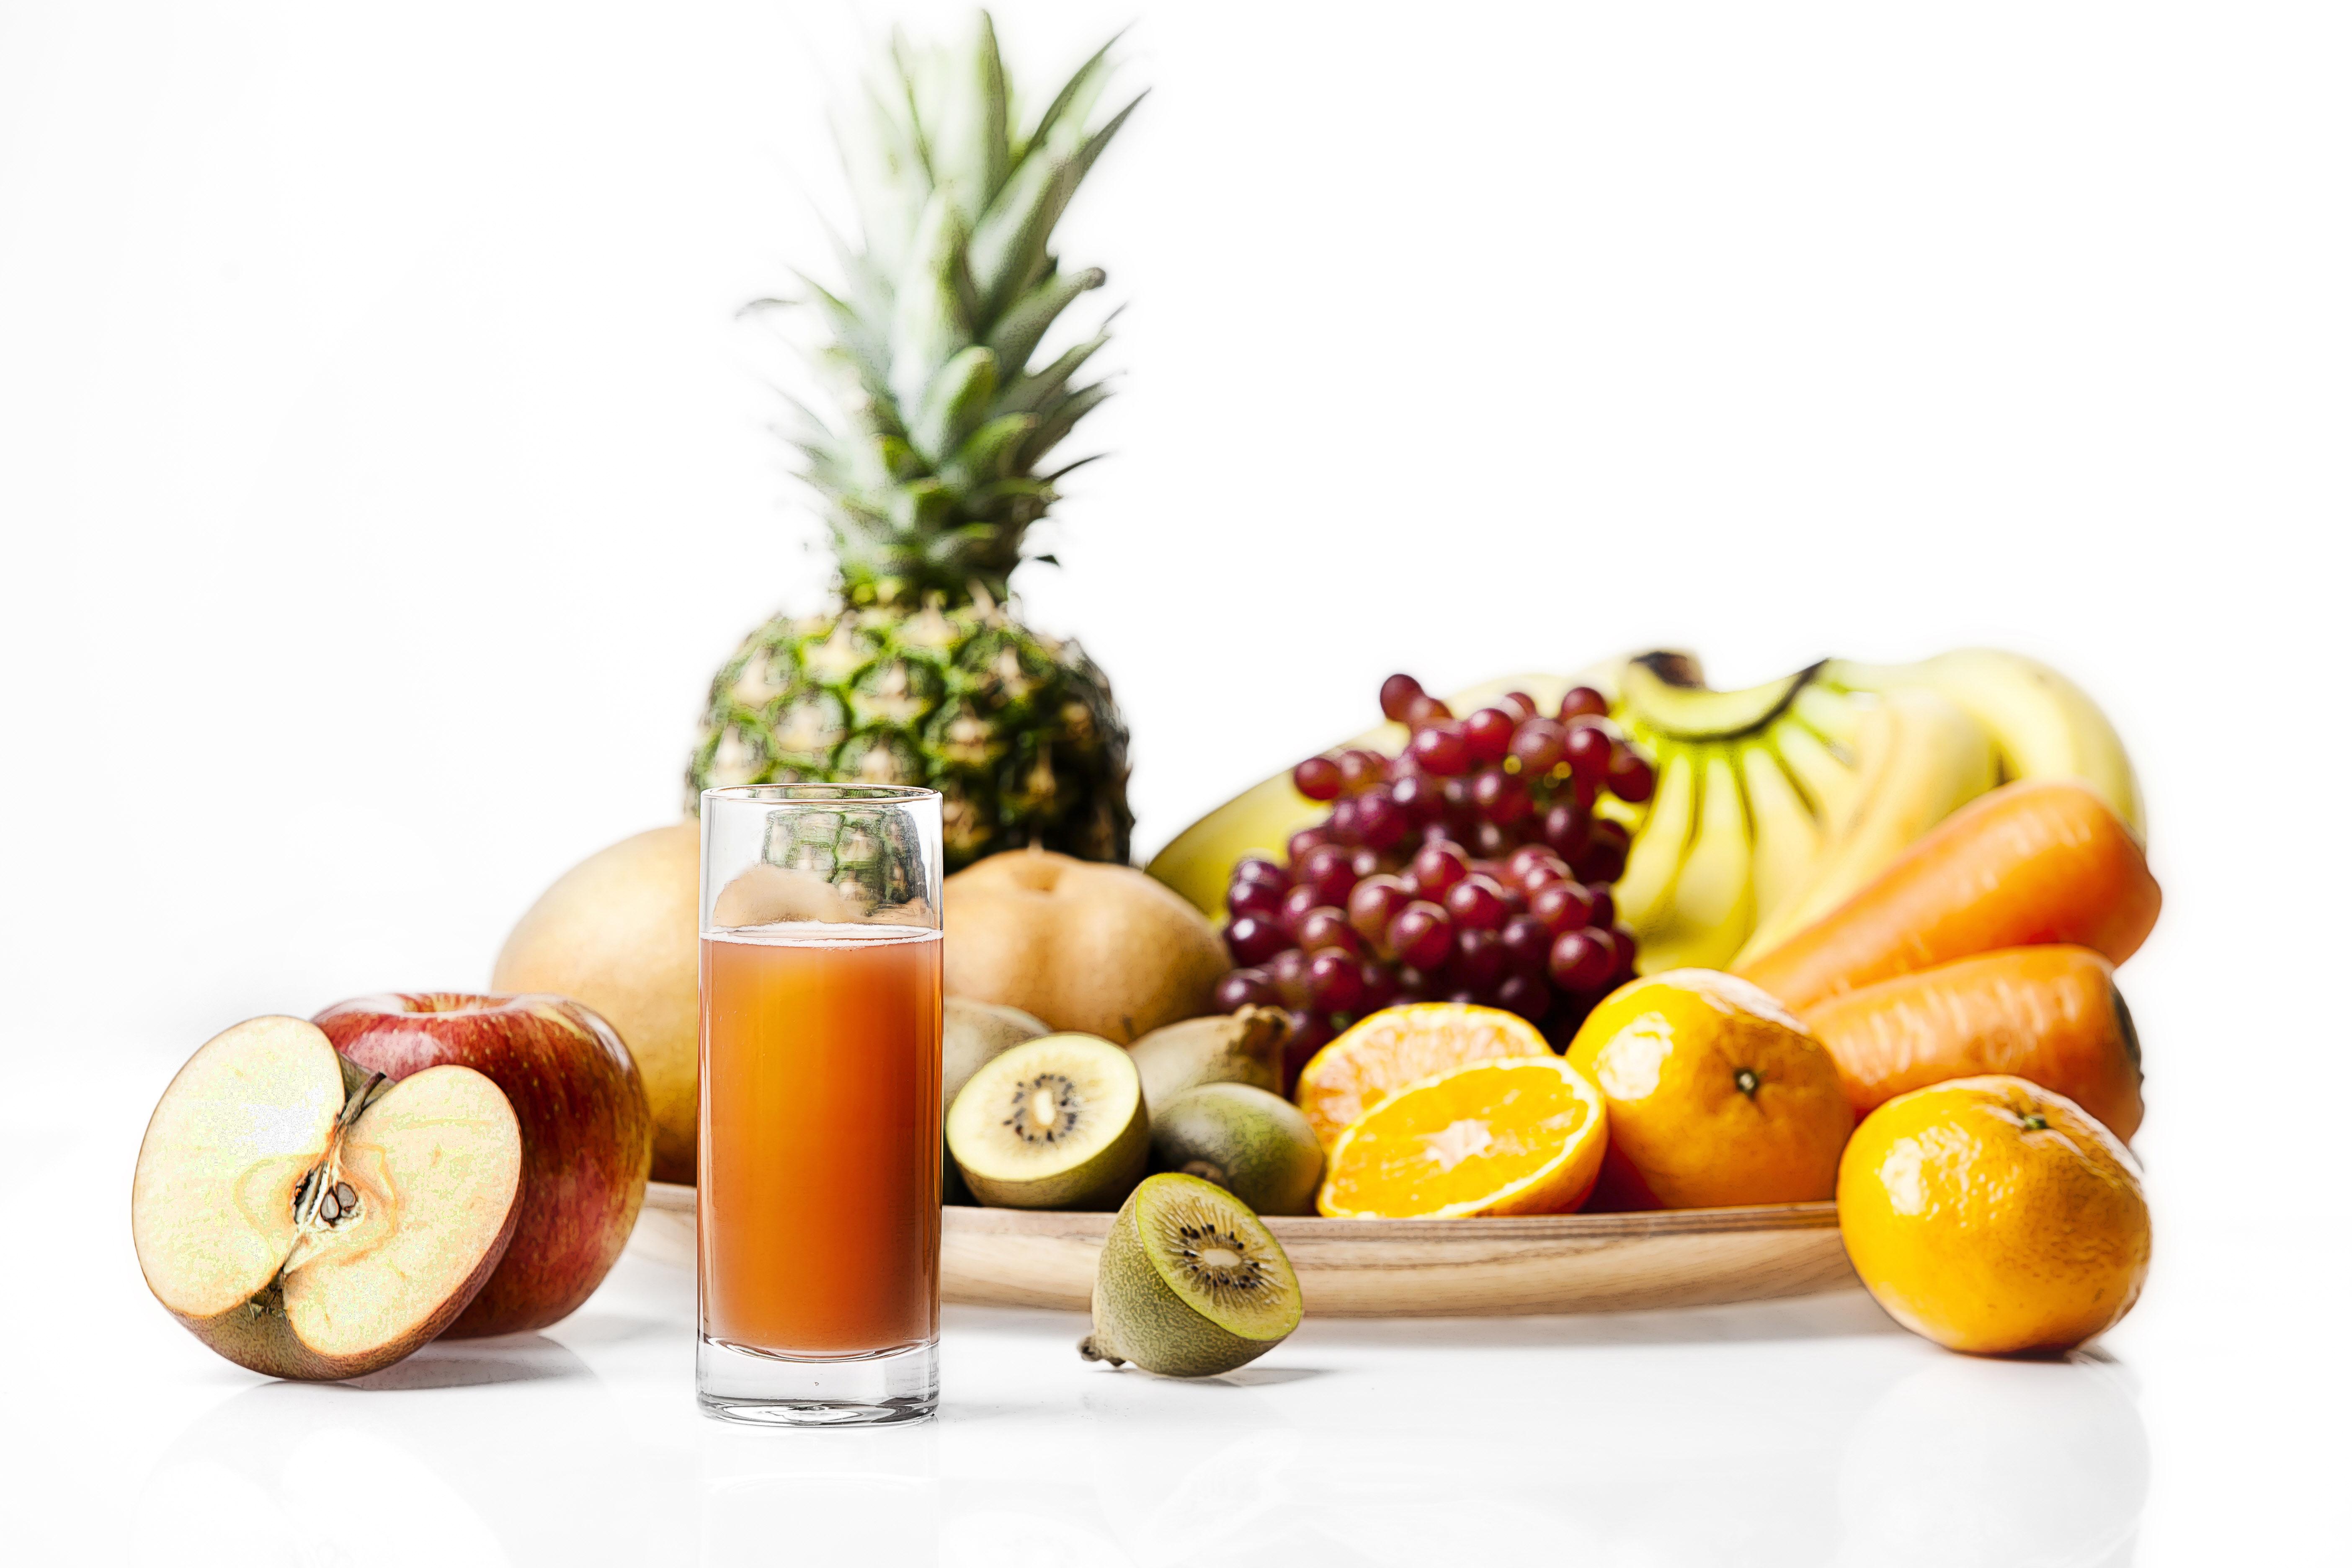 과일이 탄산음료보다 충치 유발 위험 3.7배 더 높다?